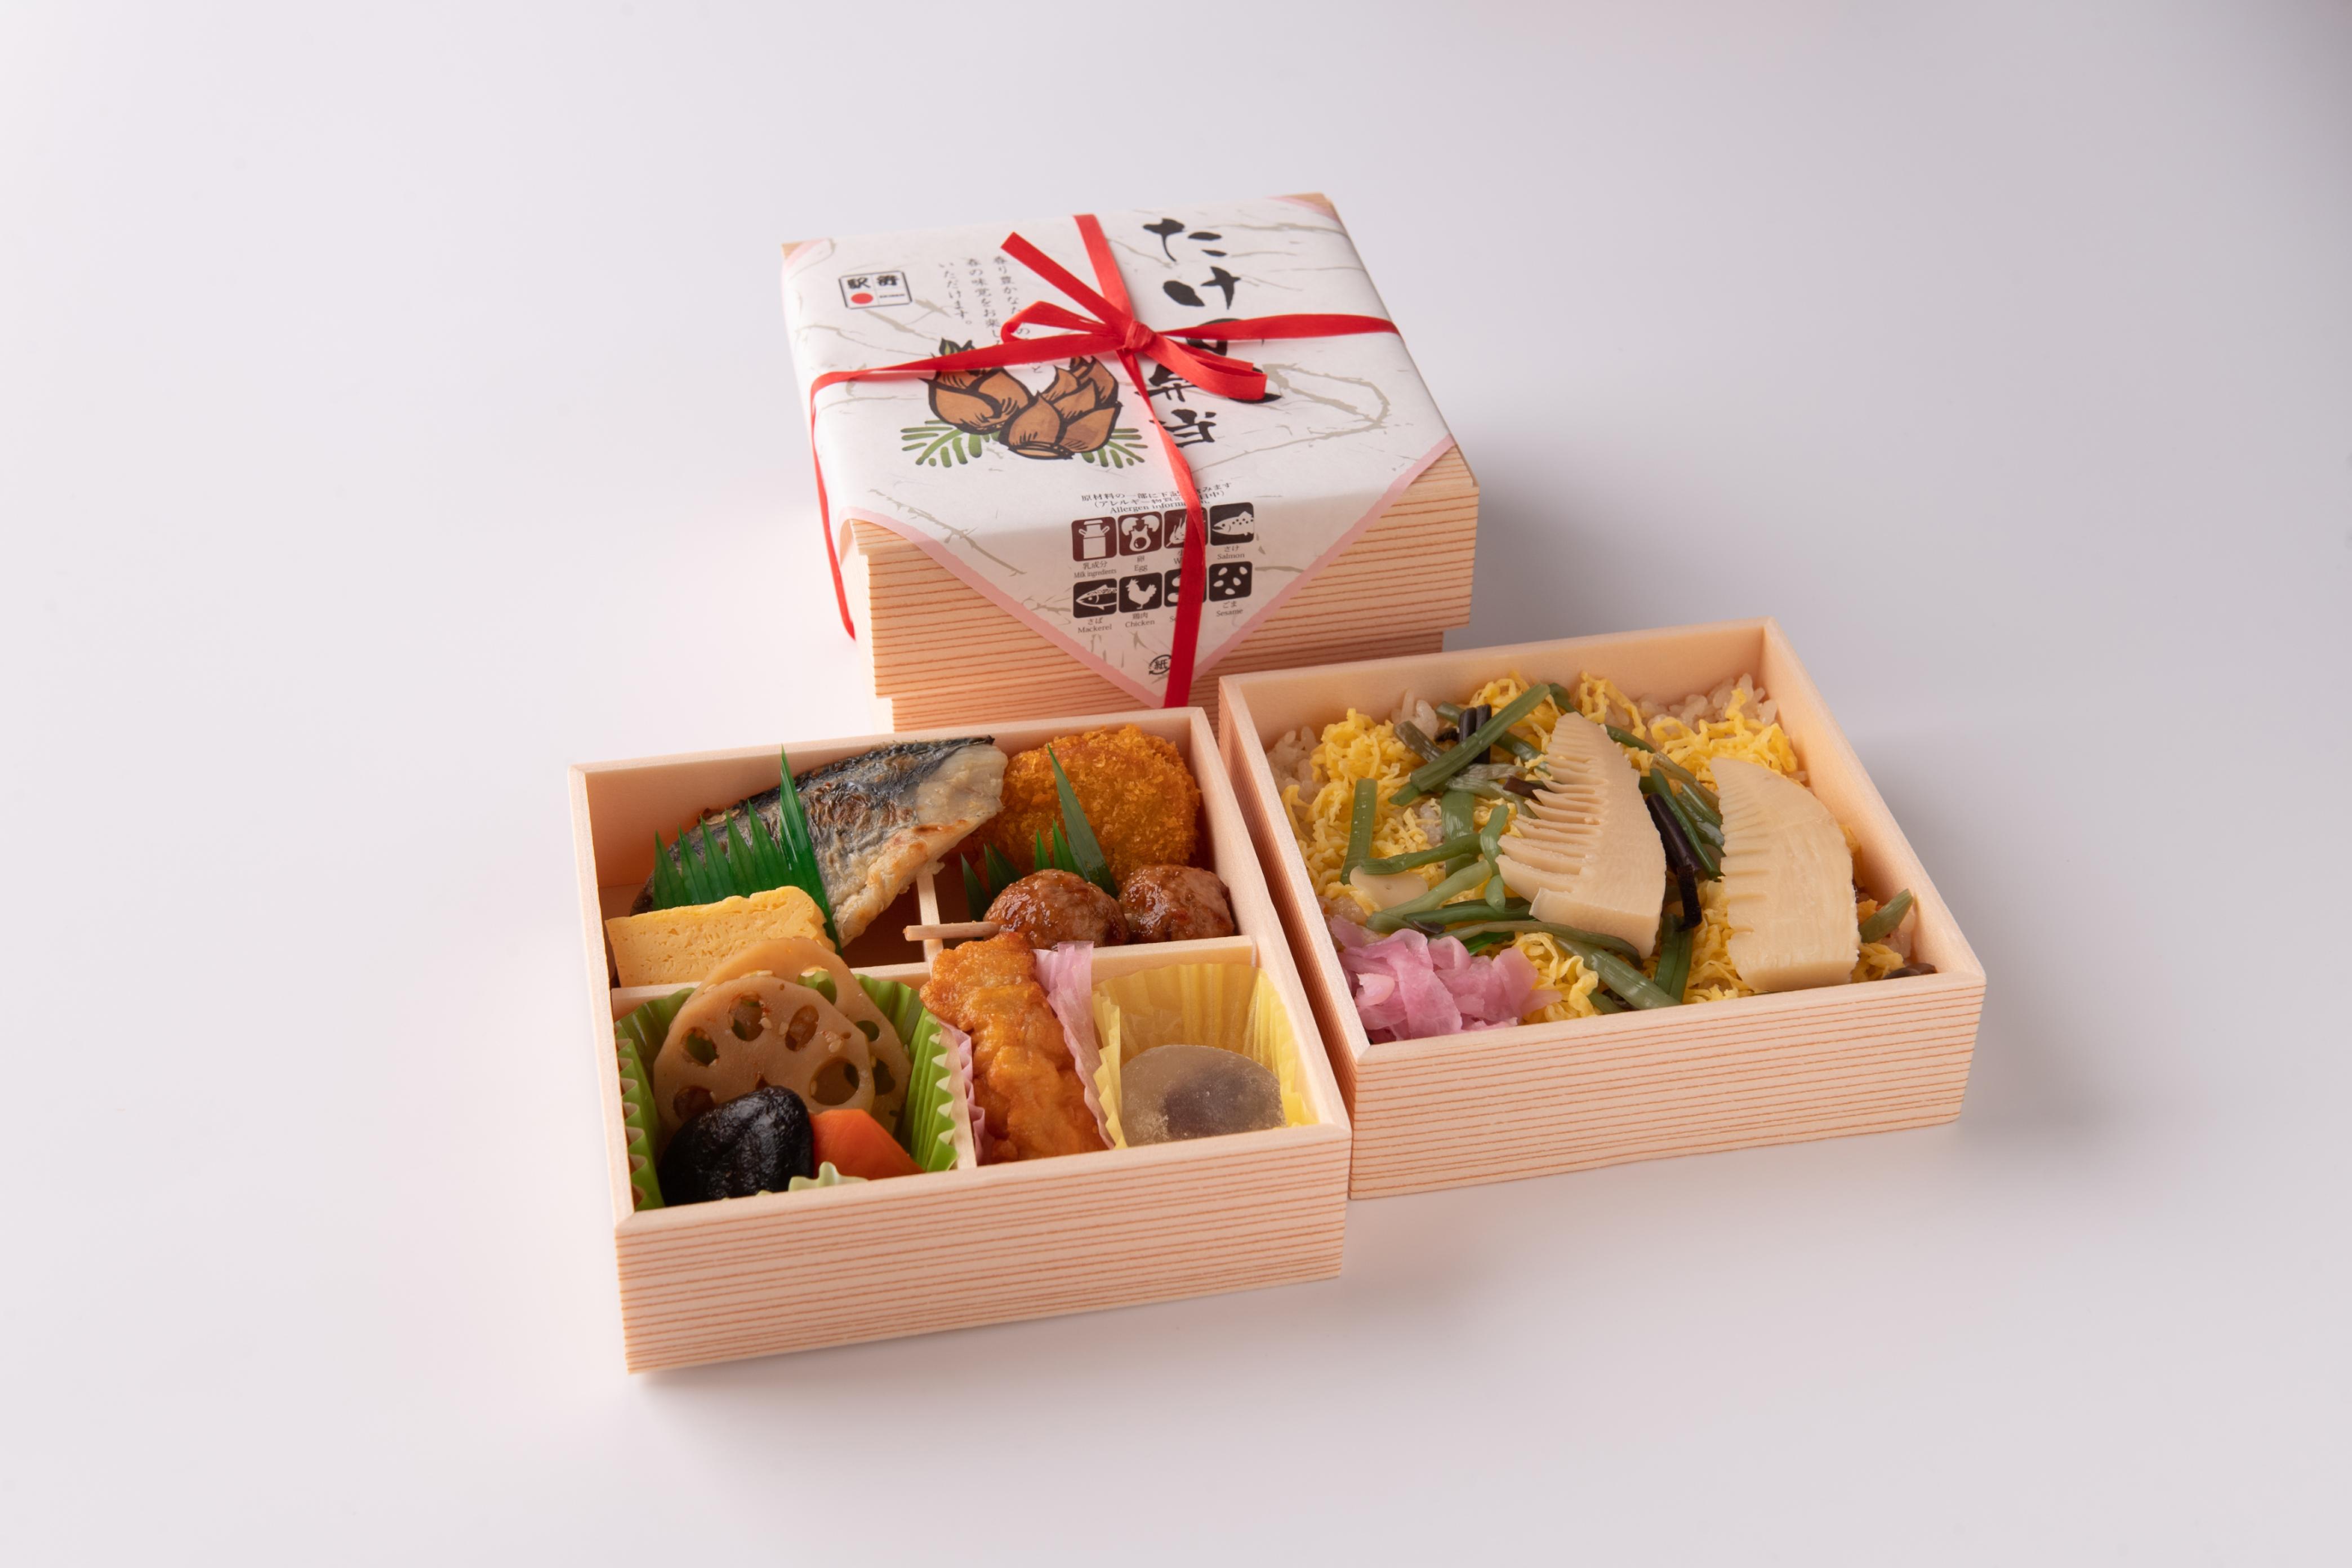 たけのこ弁当(¥1,150税込)